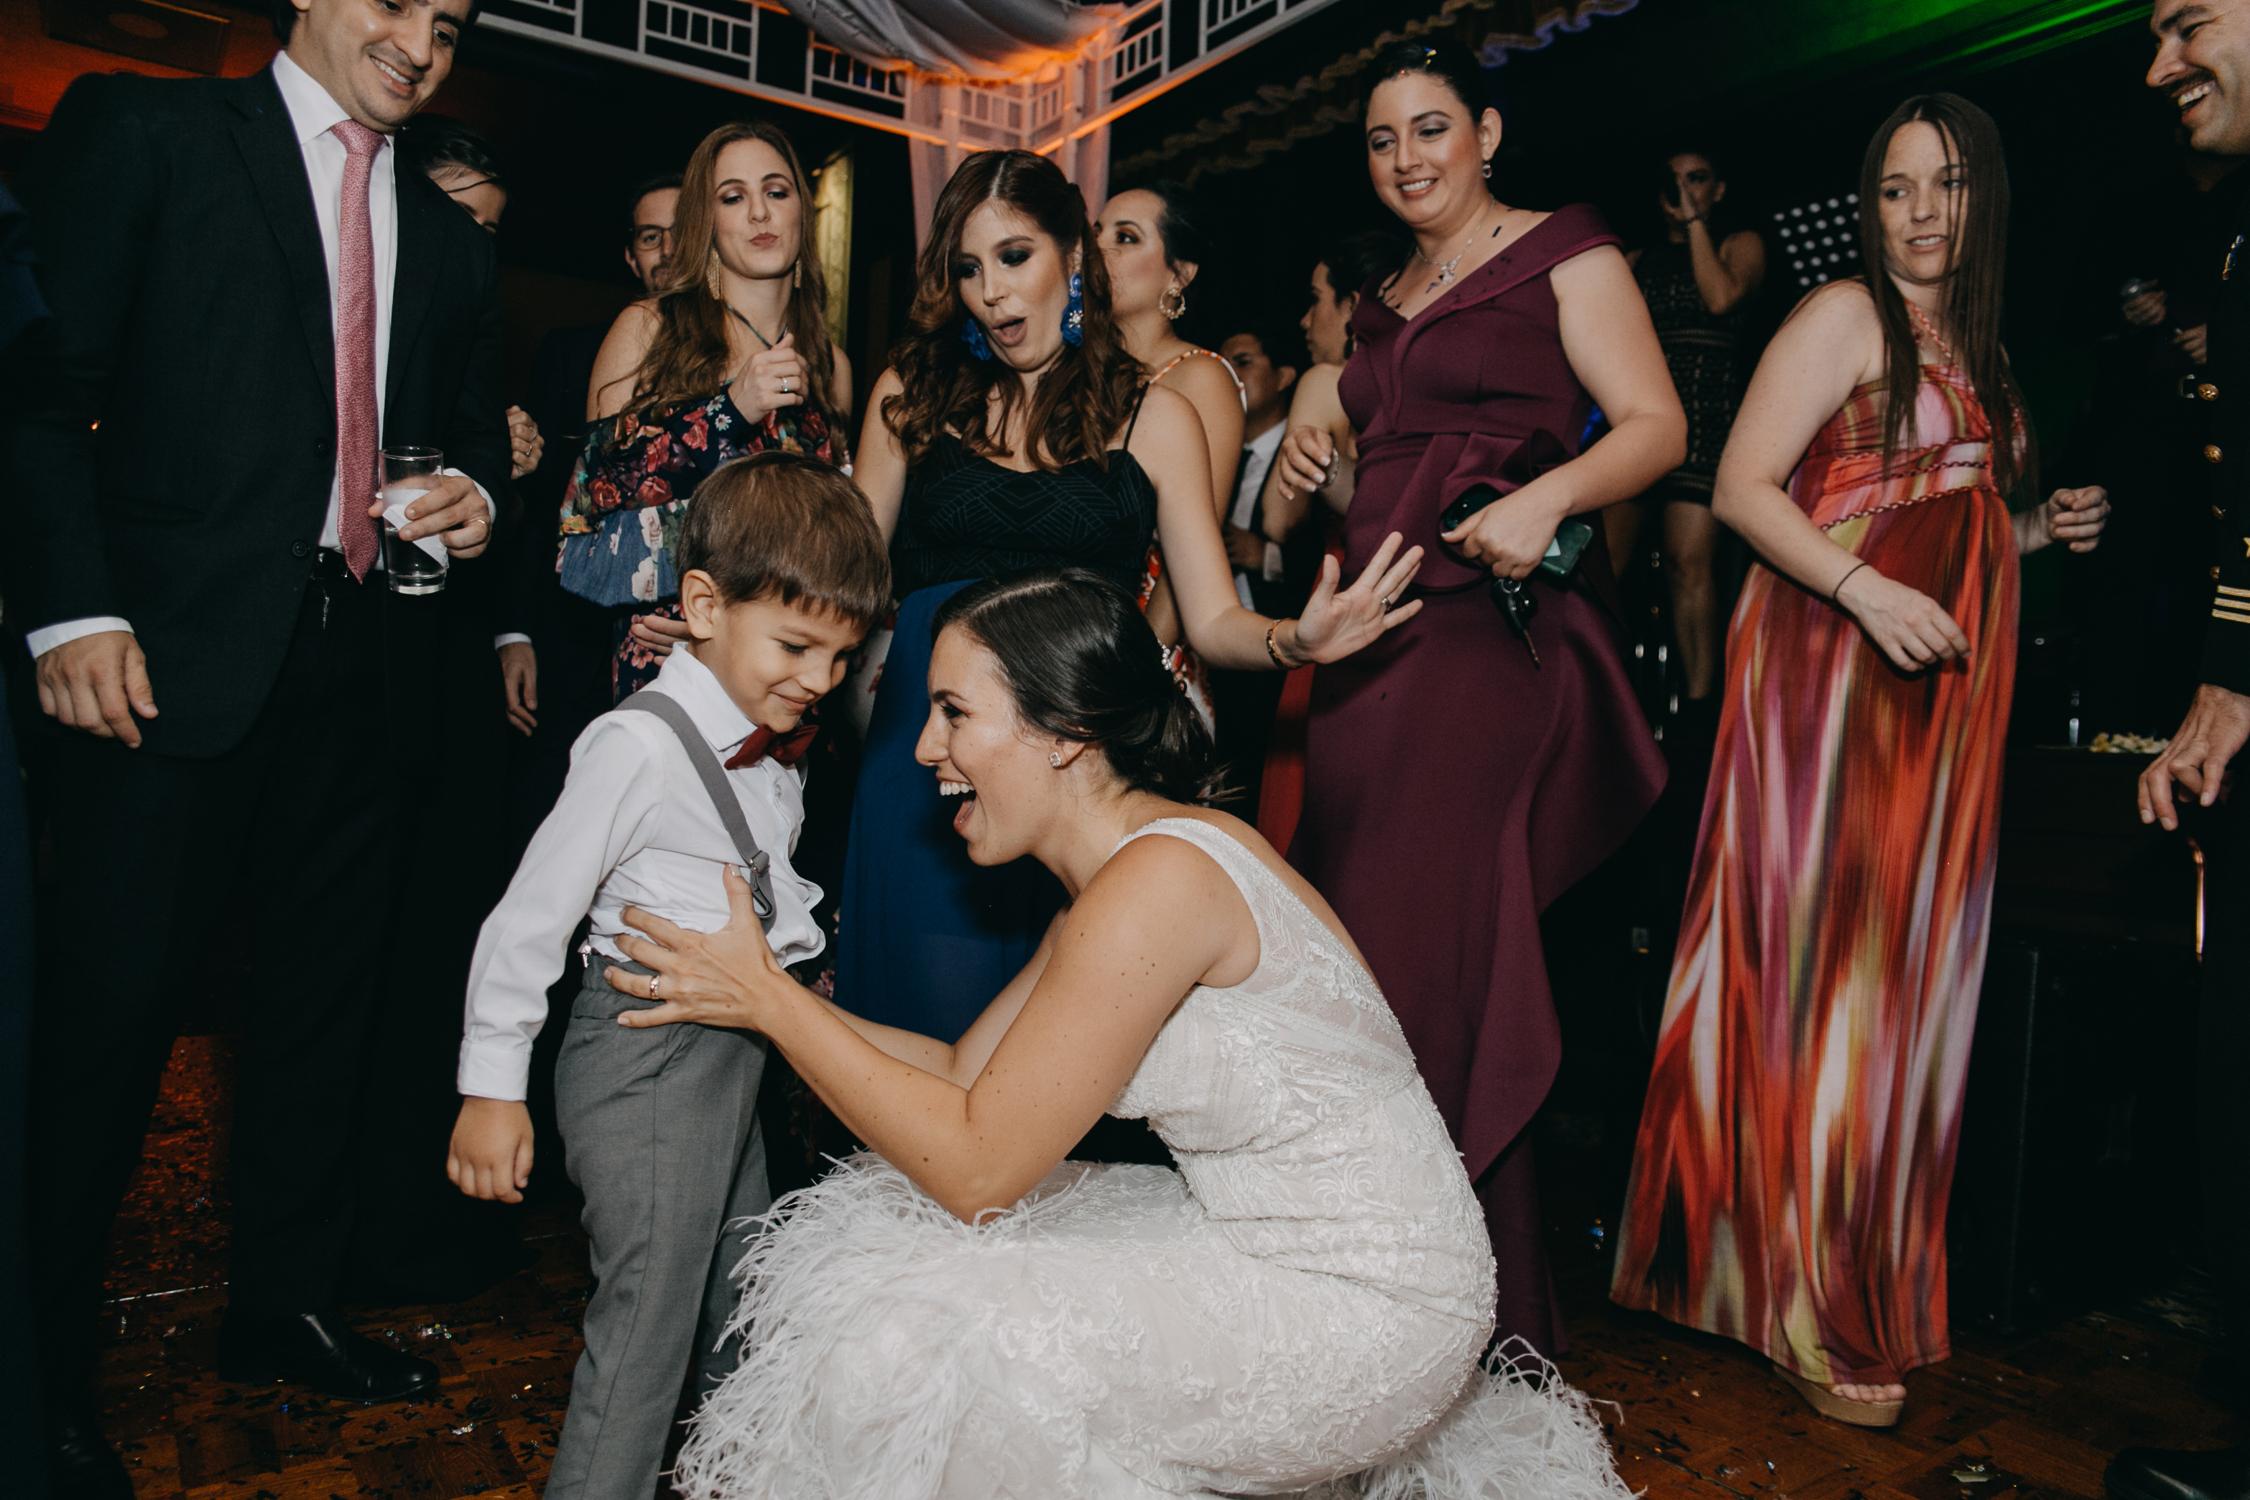 Michelle-Agurto-Fotografia-Bodas-Ecuador-Destination-Wedding-Photographer-Ecuador-Mercedes-Alvaro-210.JPG